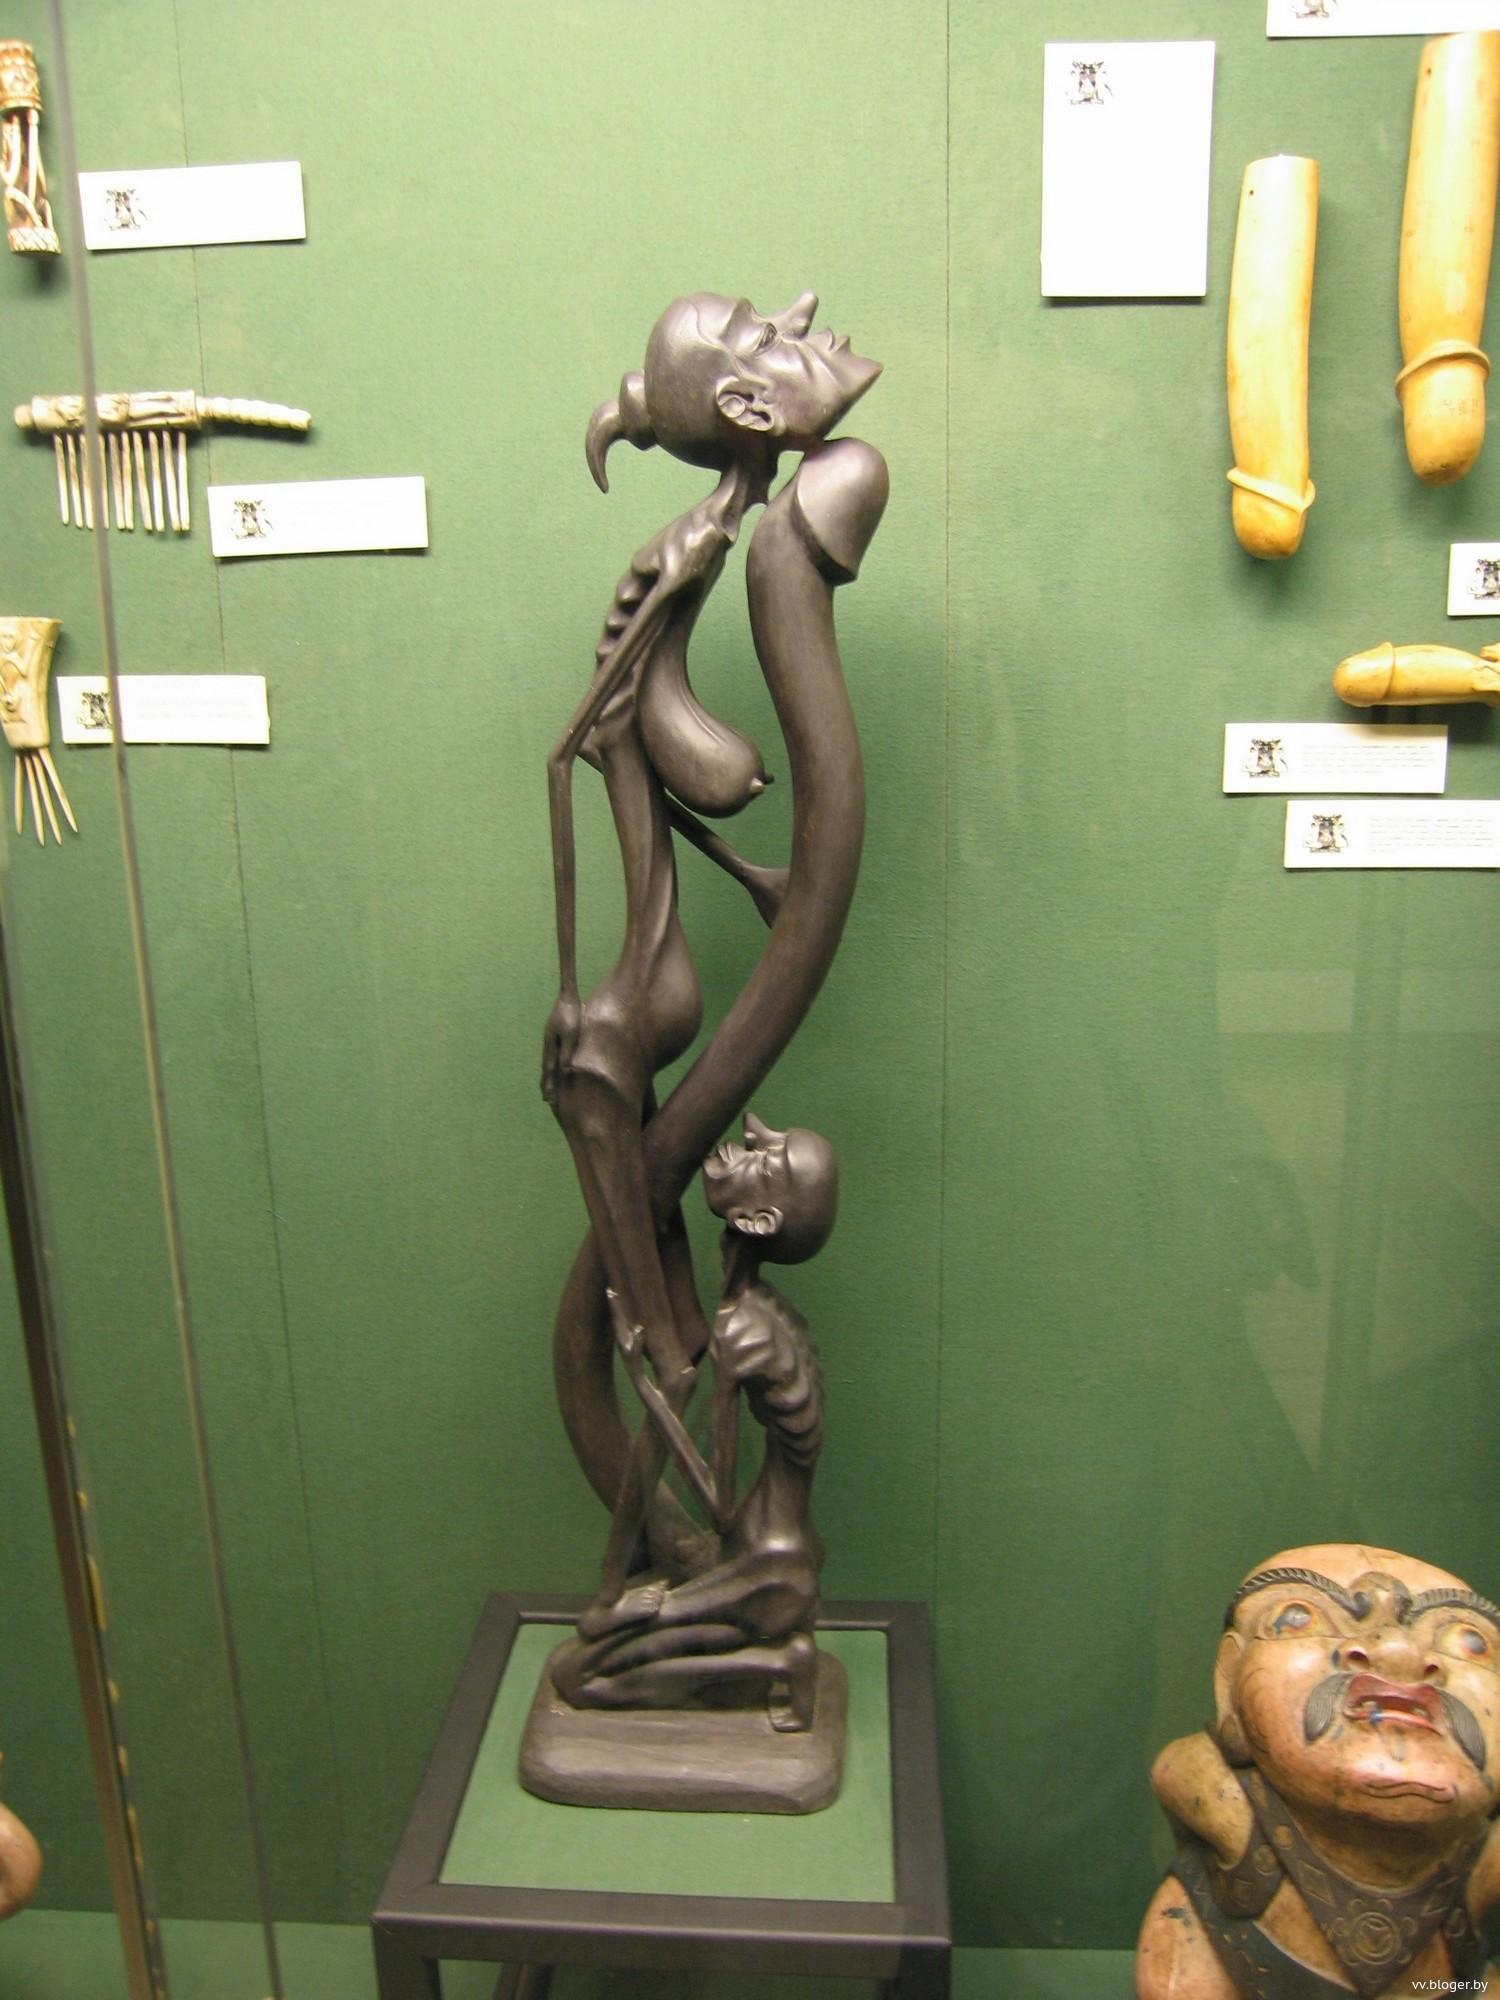 Амстердам музей эротики 18 фотография